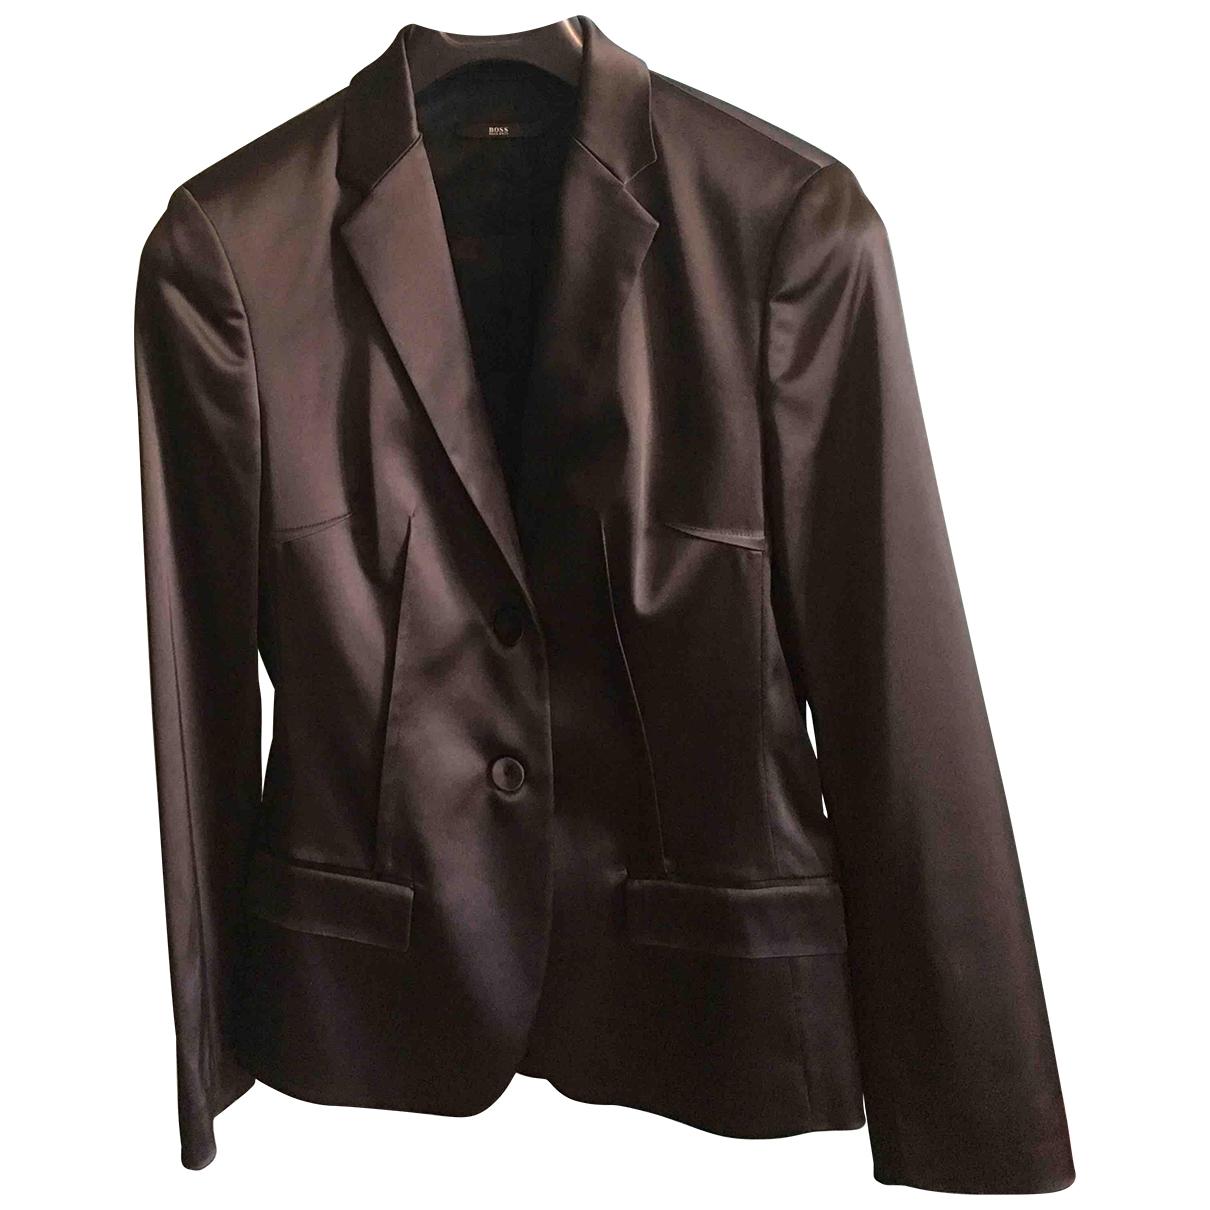 Boss \N Black jacket for Women 40 FR